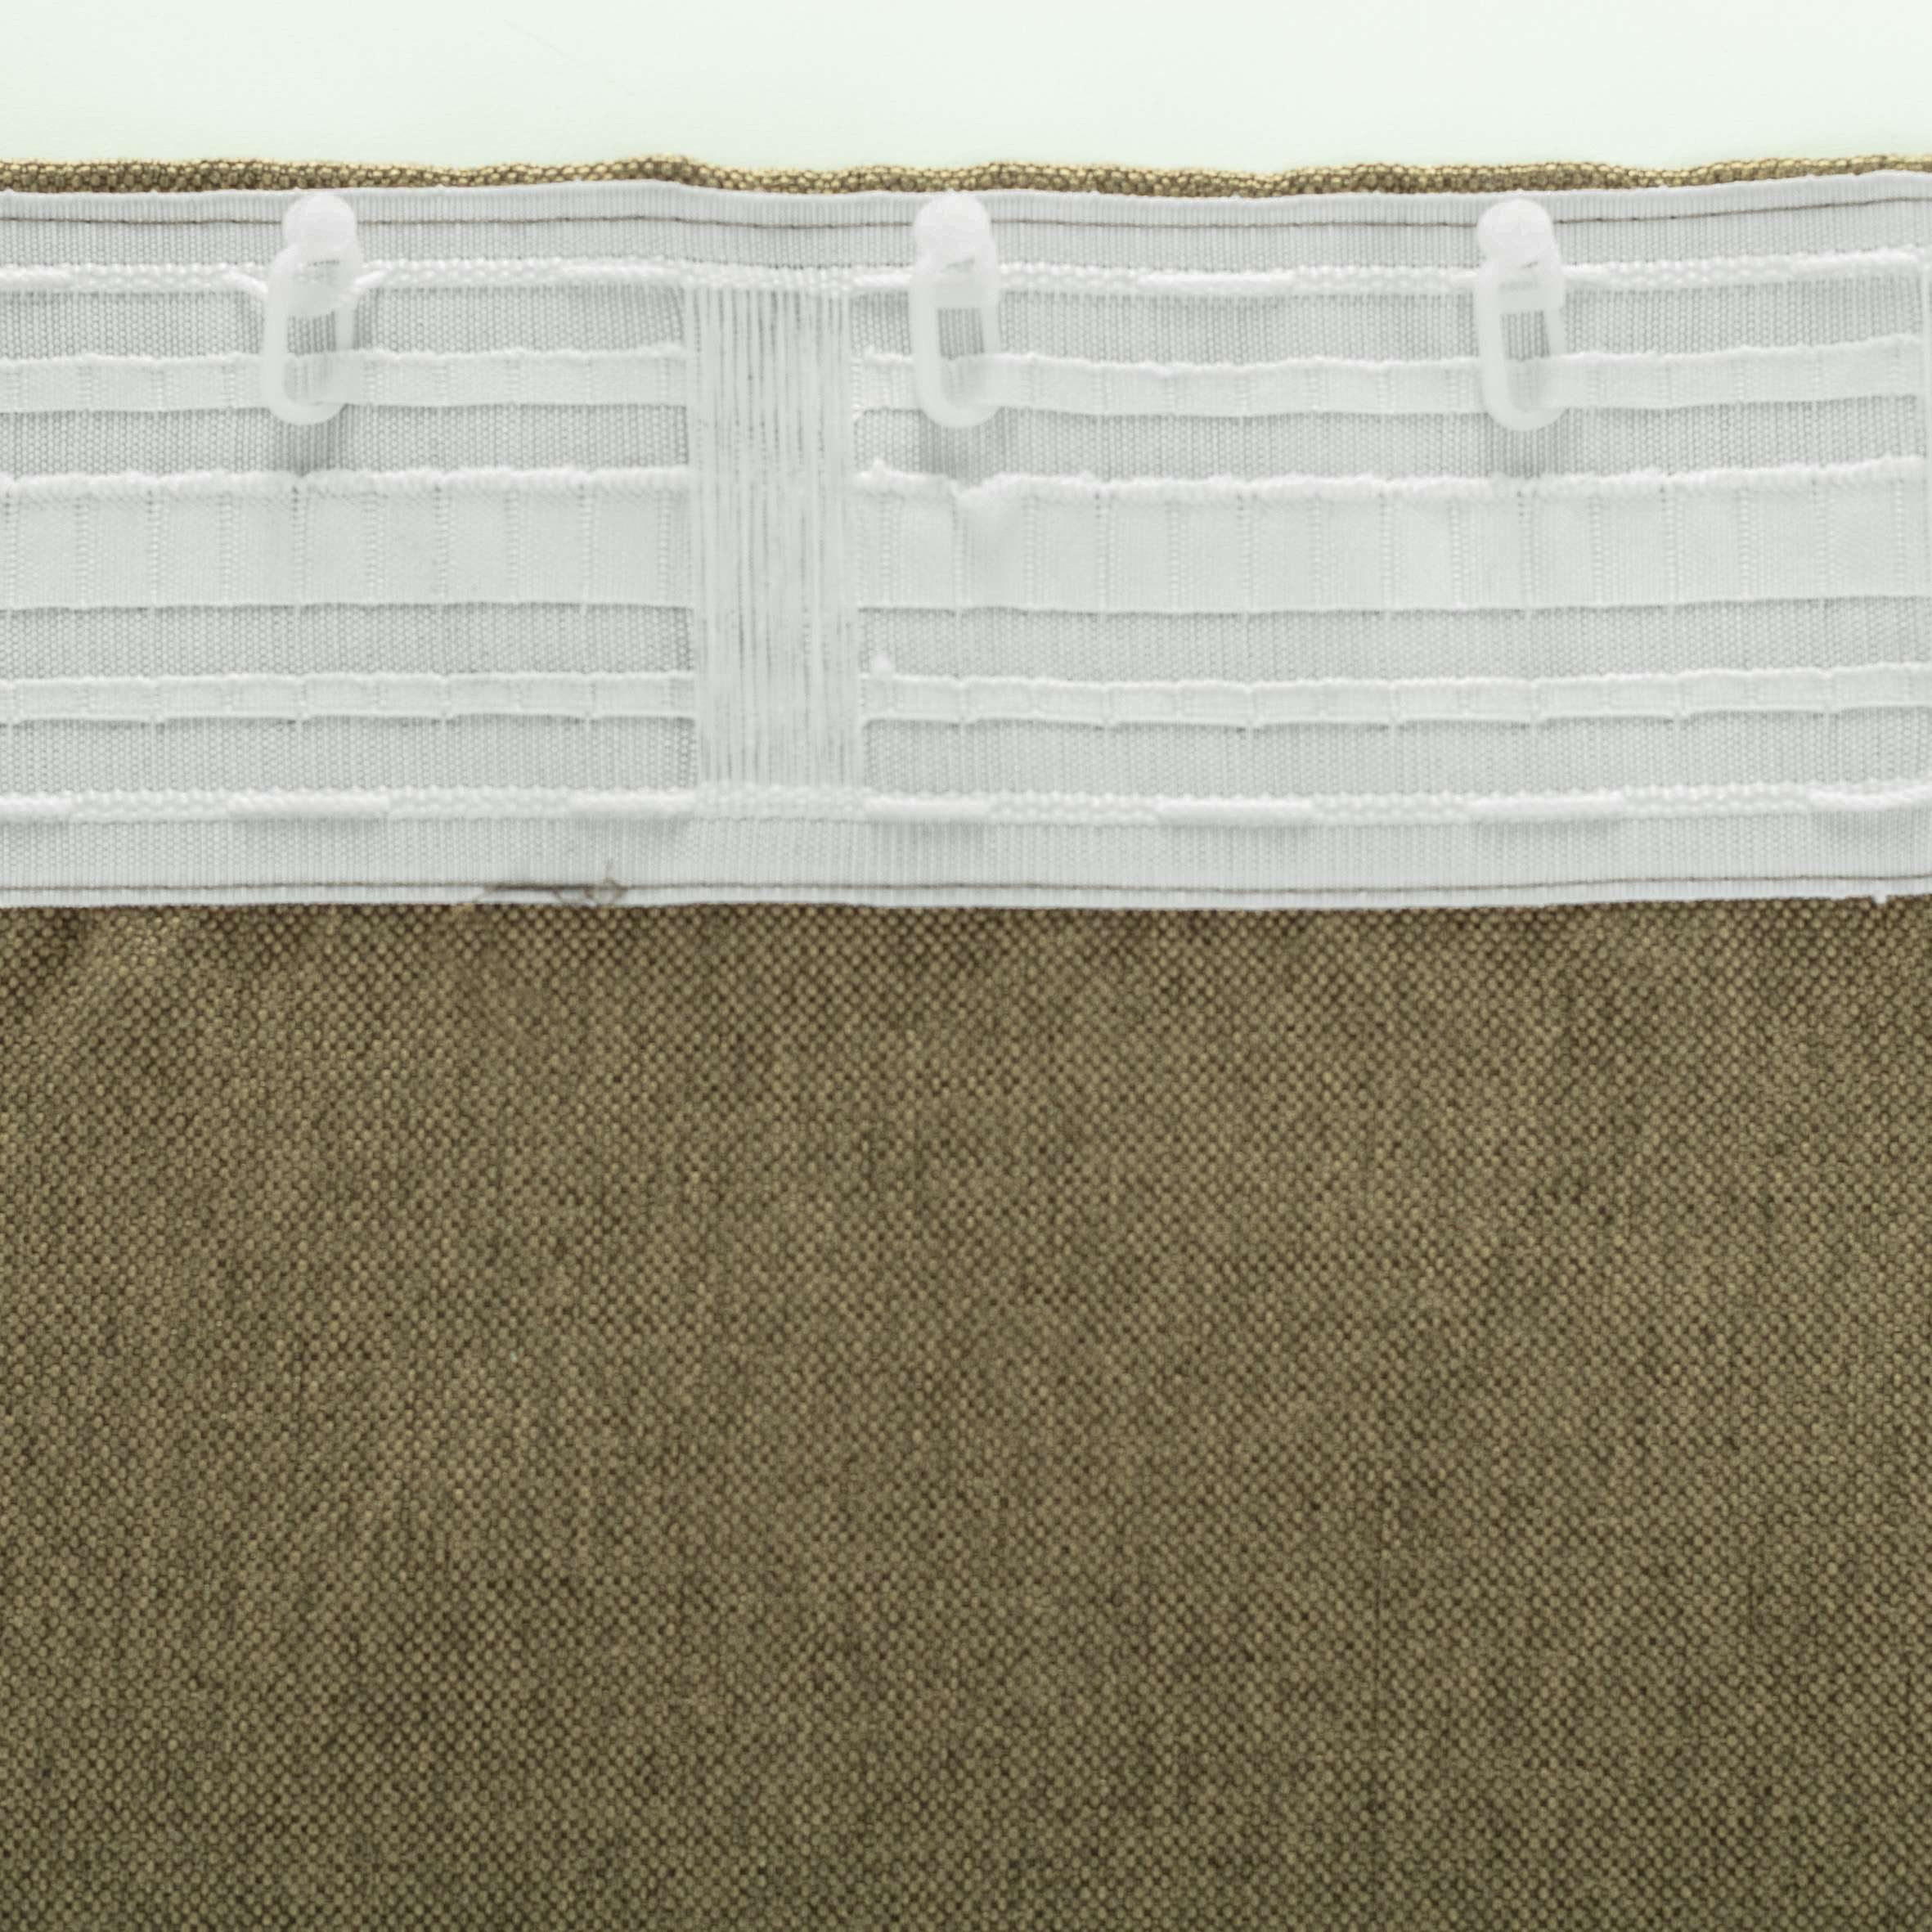 Zasłona BASIC na taśmie marszczącej 140x300cm jasne khaki 1 szt.